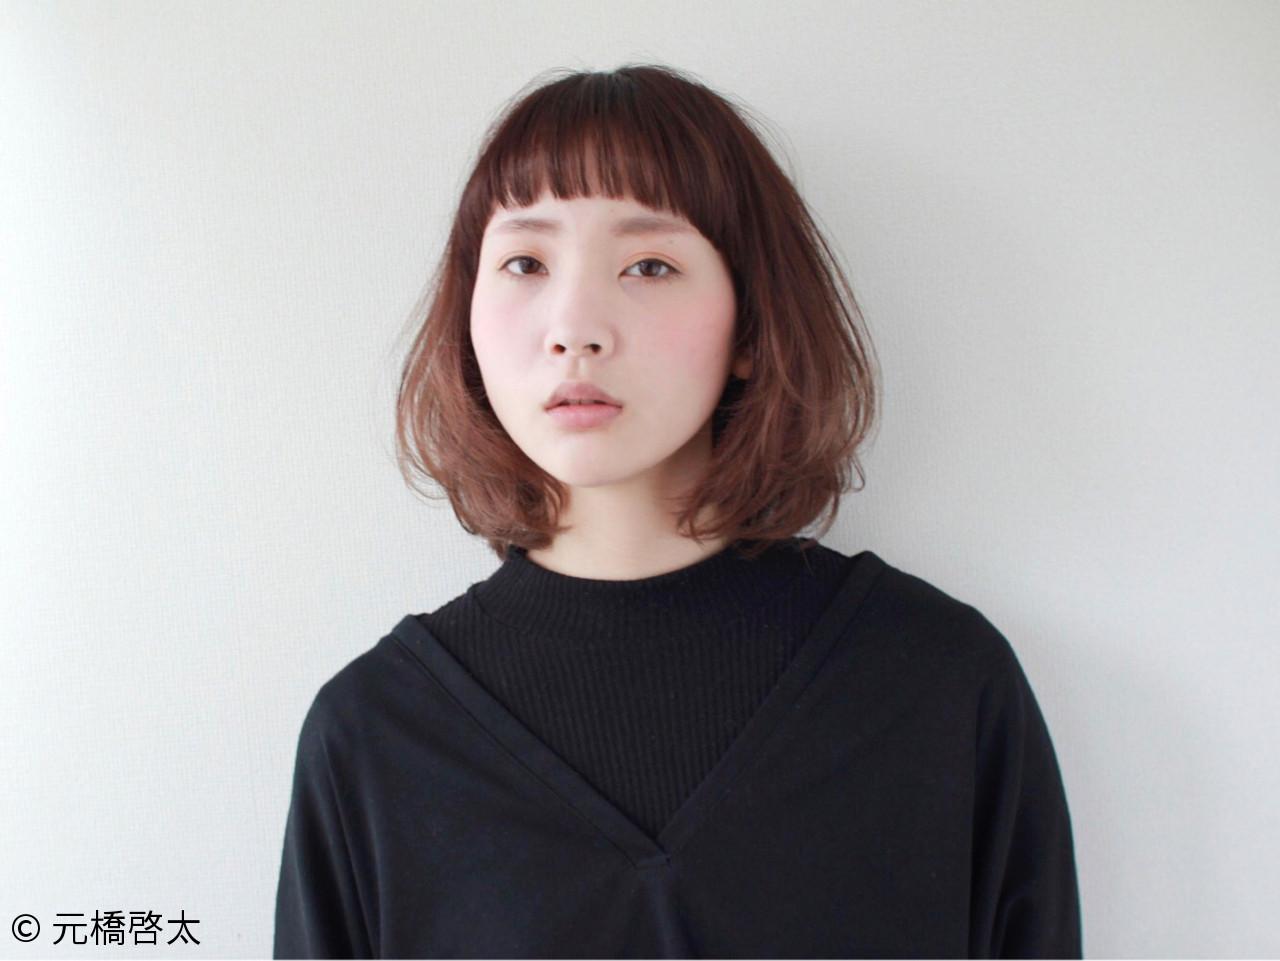 ミルクティー モード ベージュ ナチュラル ヘアスタイルや髪型の写真・画像 | 元橋啓太 / snob